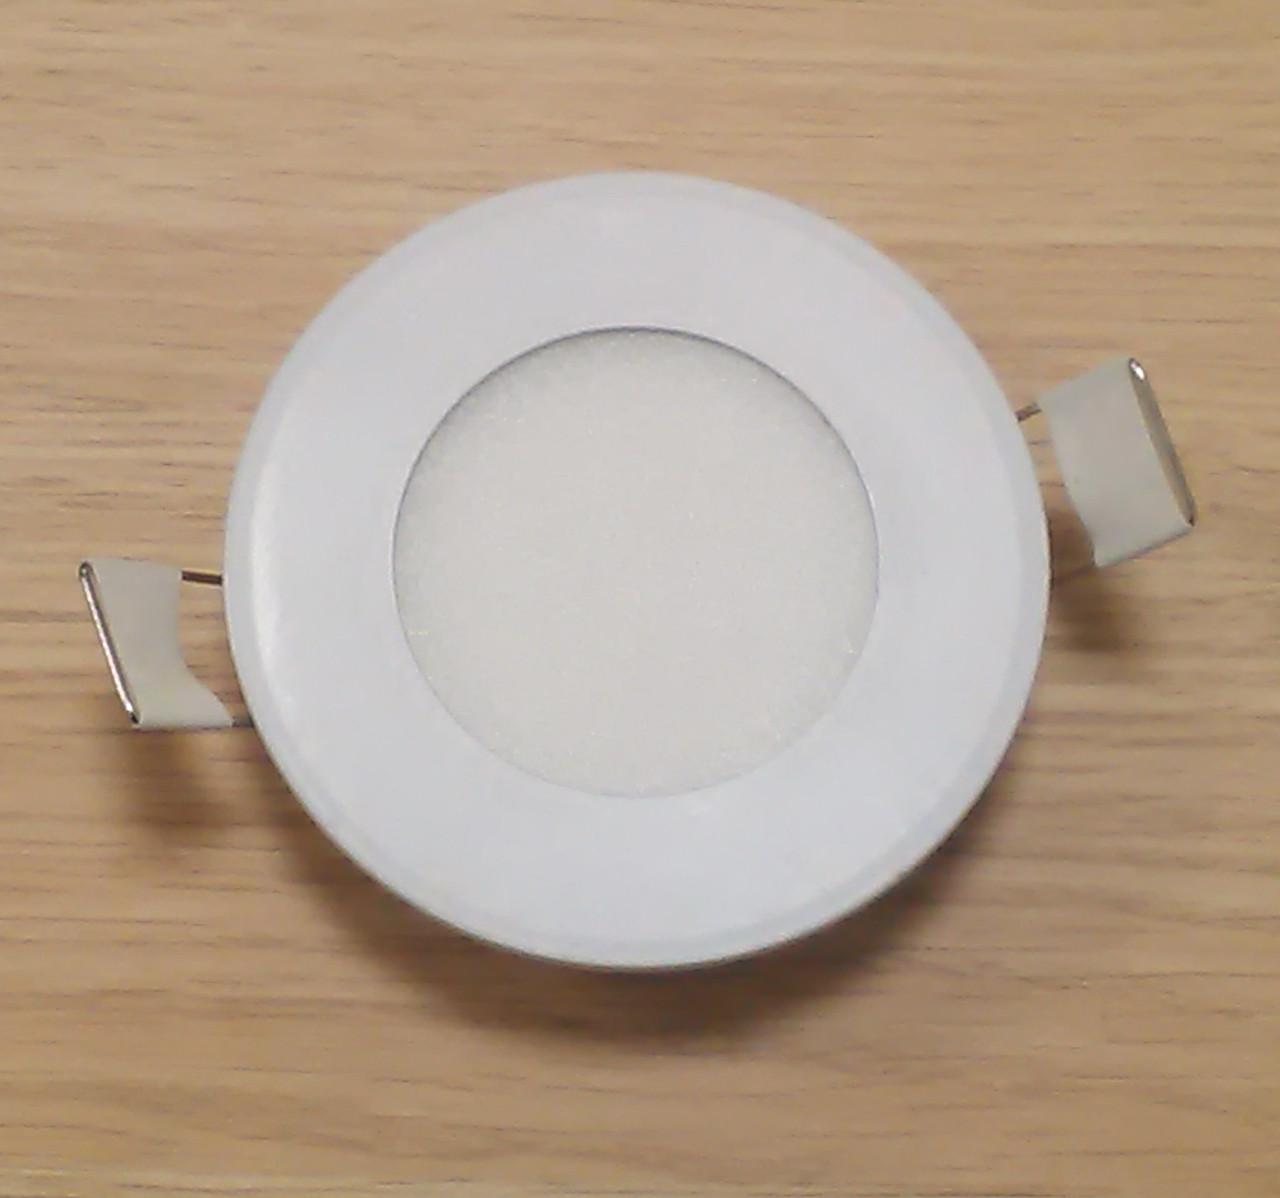 Светильник врезной LED Downlight  6W 6500K/4000К/3000К  диаметр 120мм круглый алюминиевый корпус !